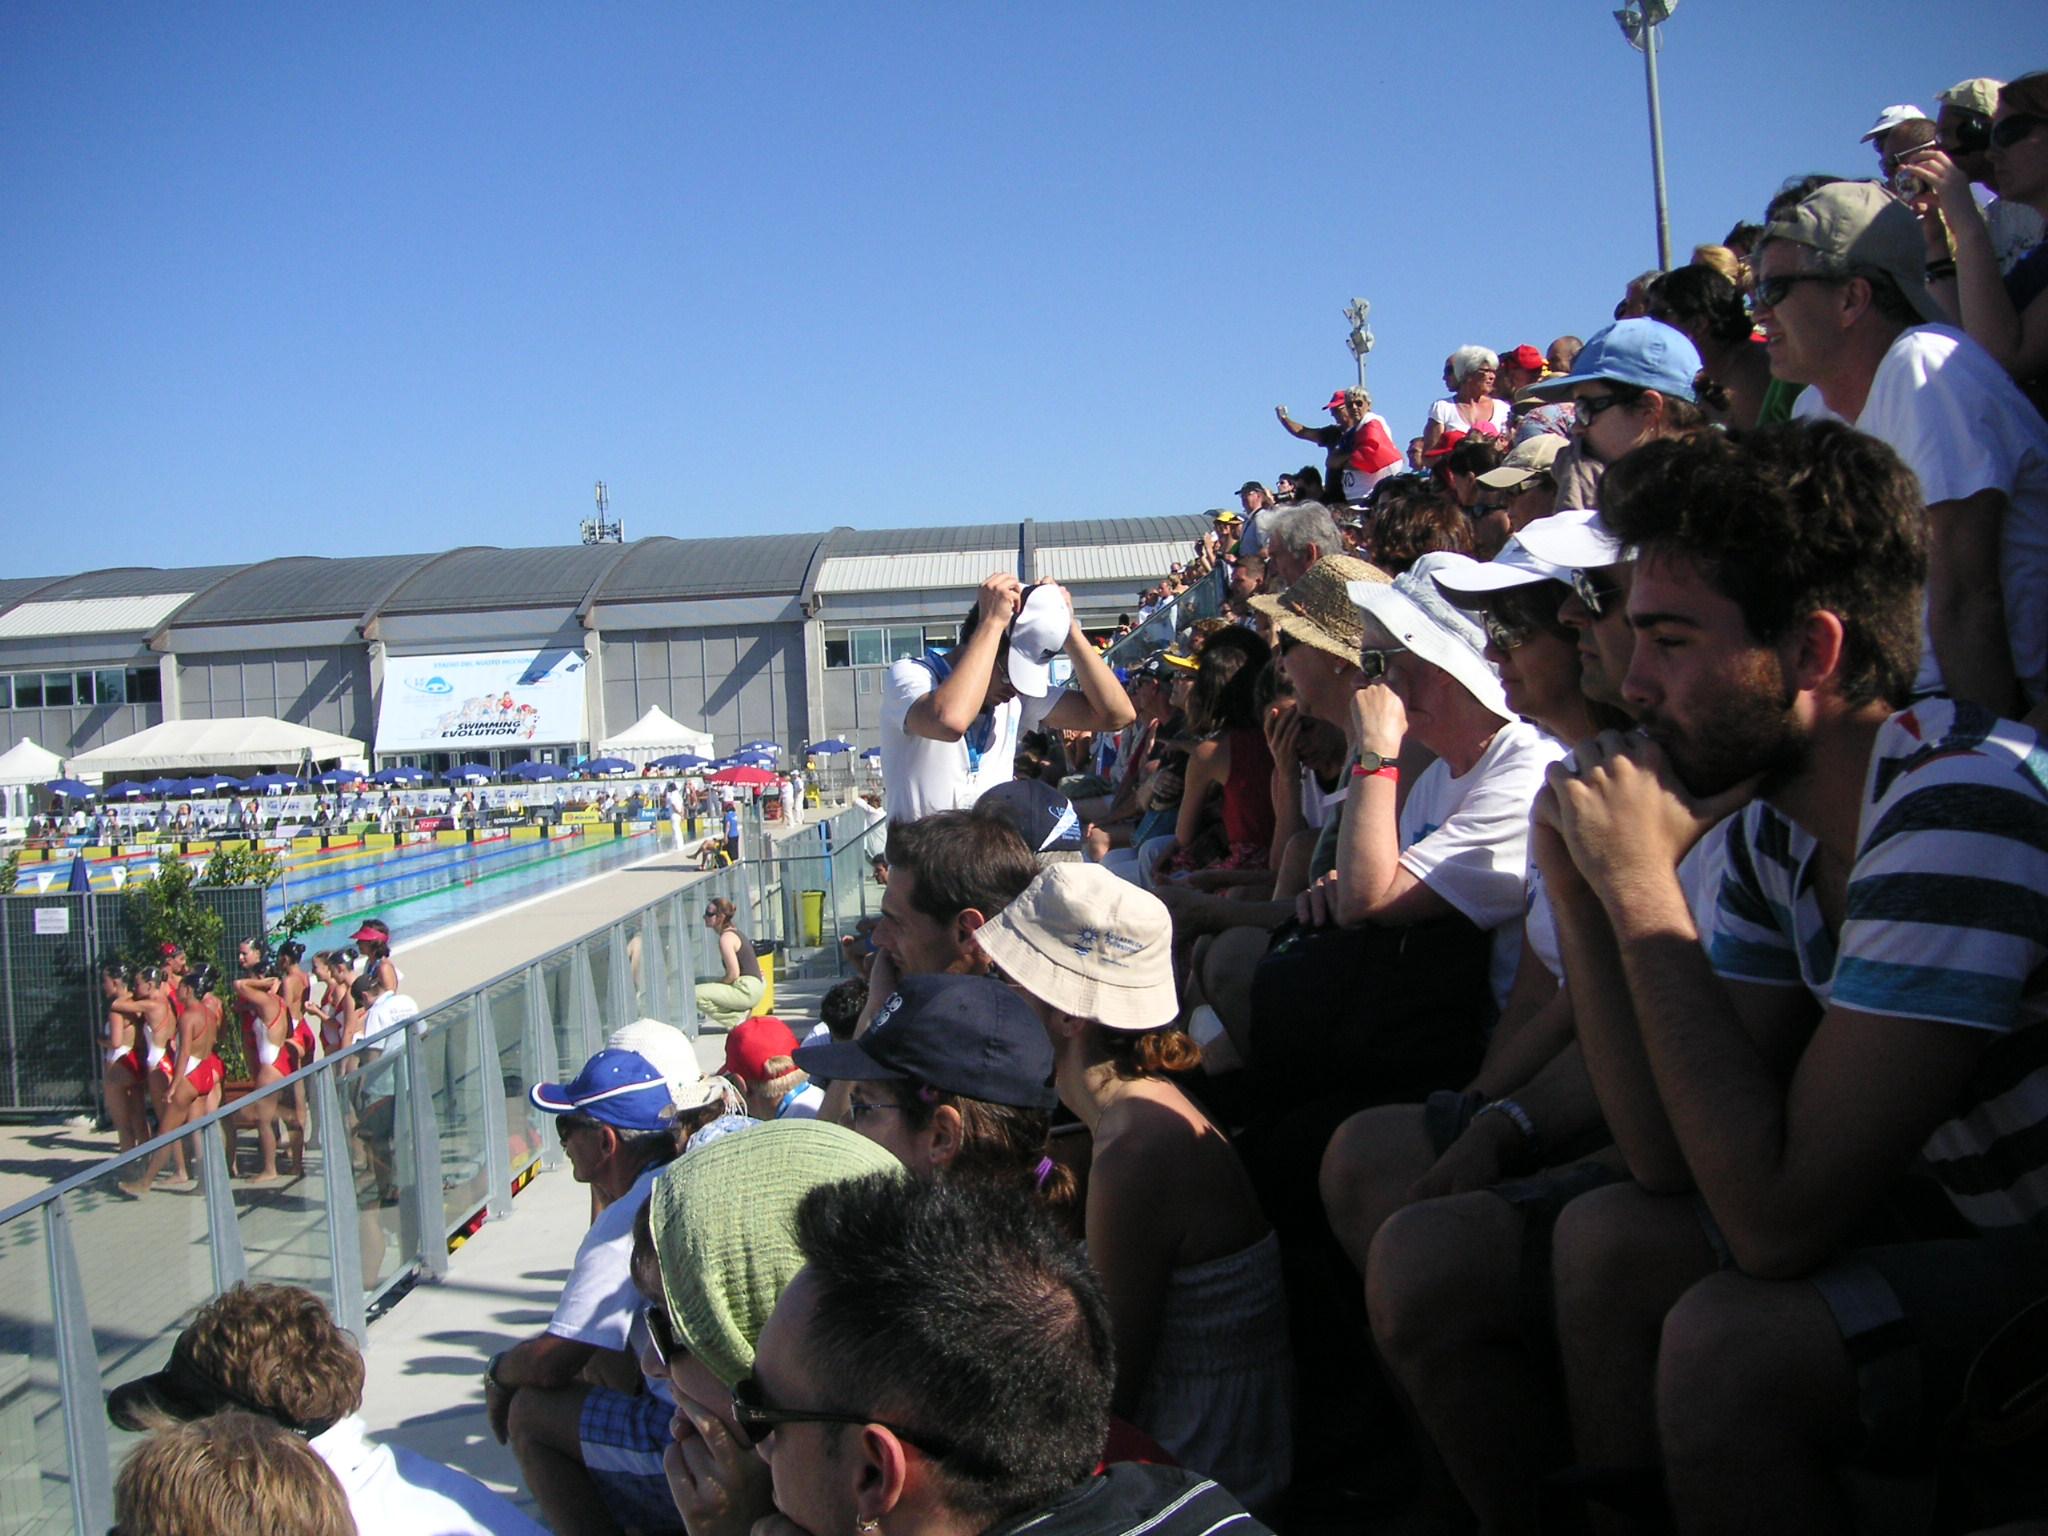 WK 2012 Riccione Italy.JPG